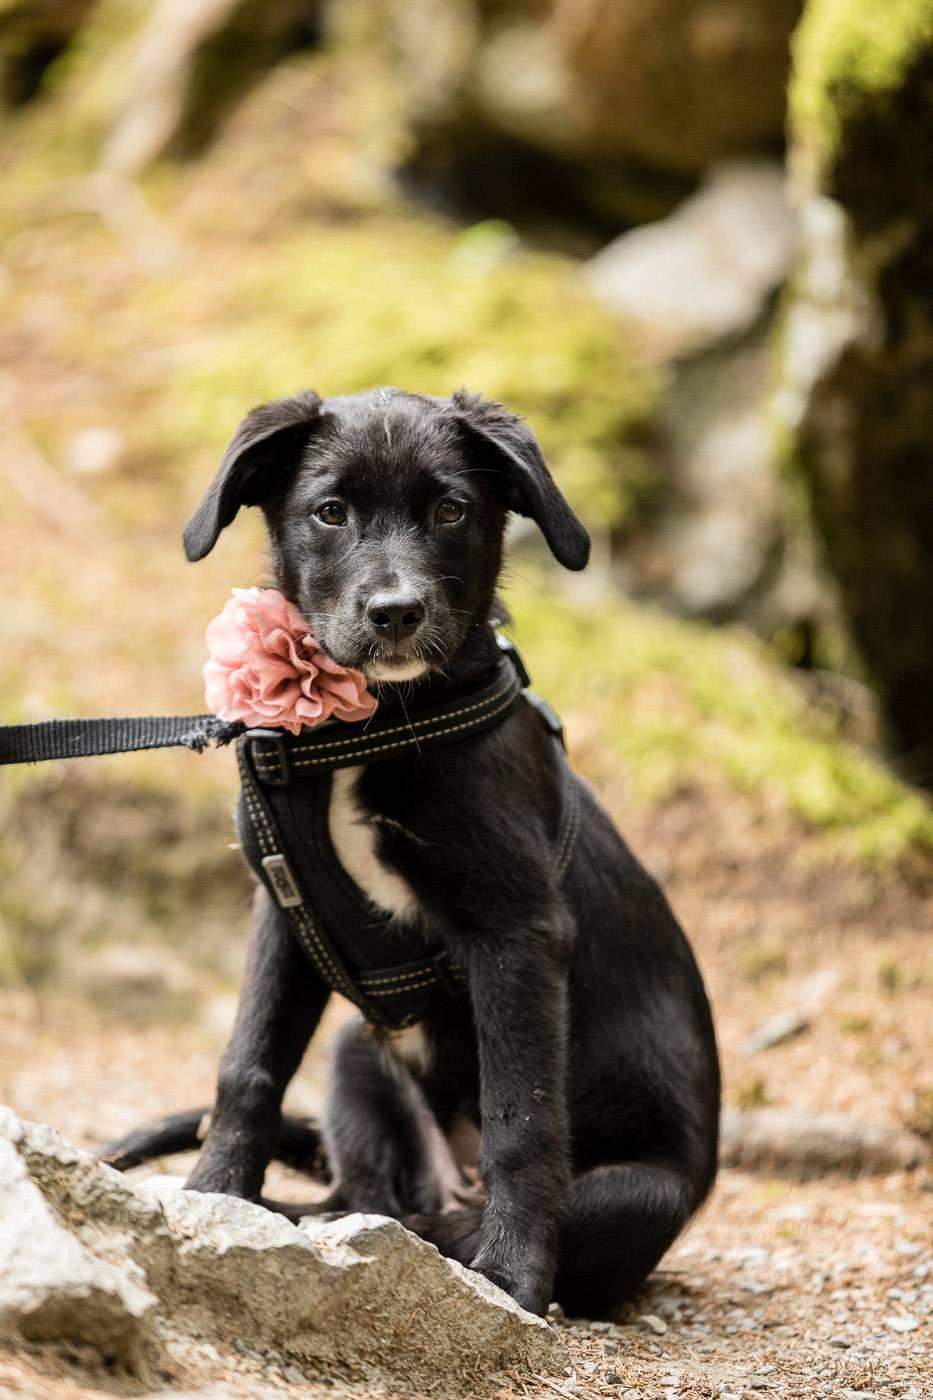 aschenputtel-hochzeitsfotograf-hund-piburgersee-tirol